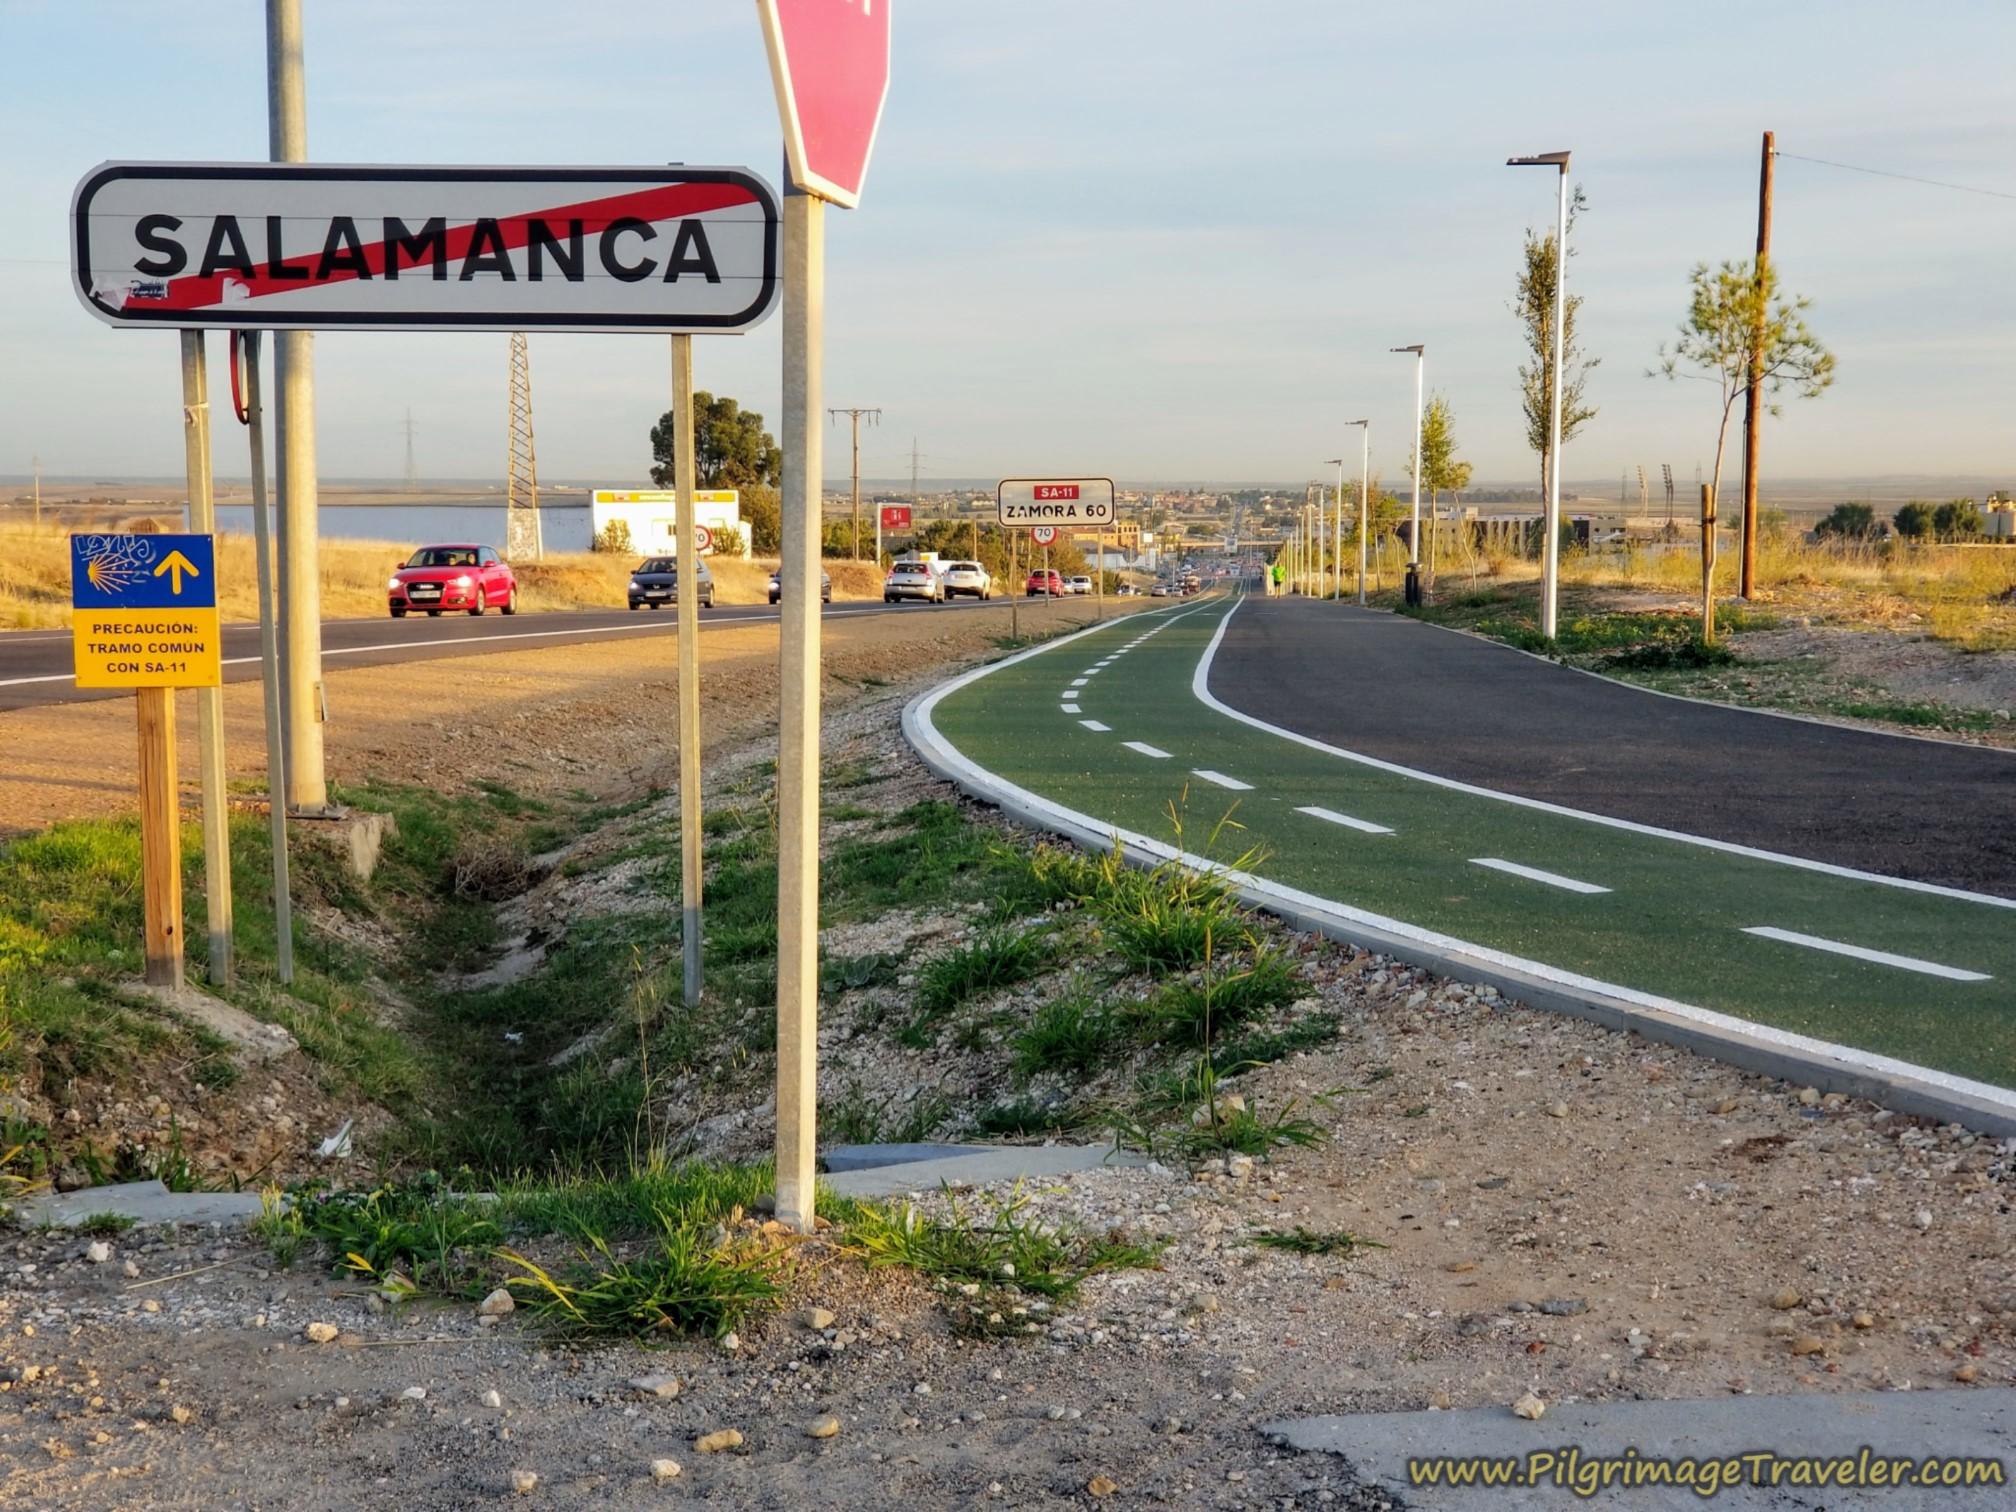 Leaving Salamanca